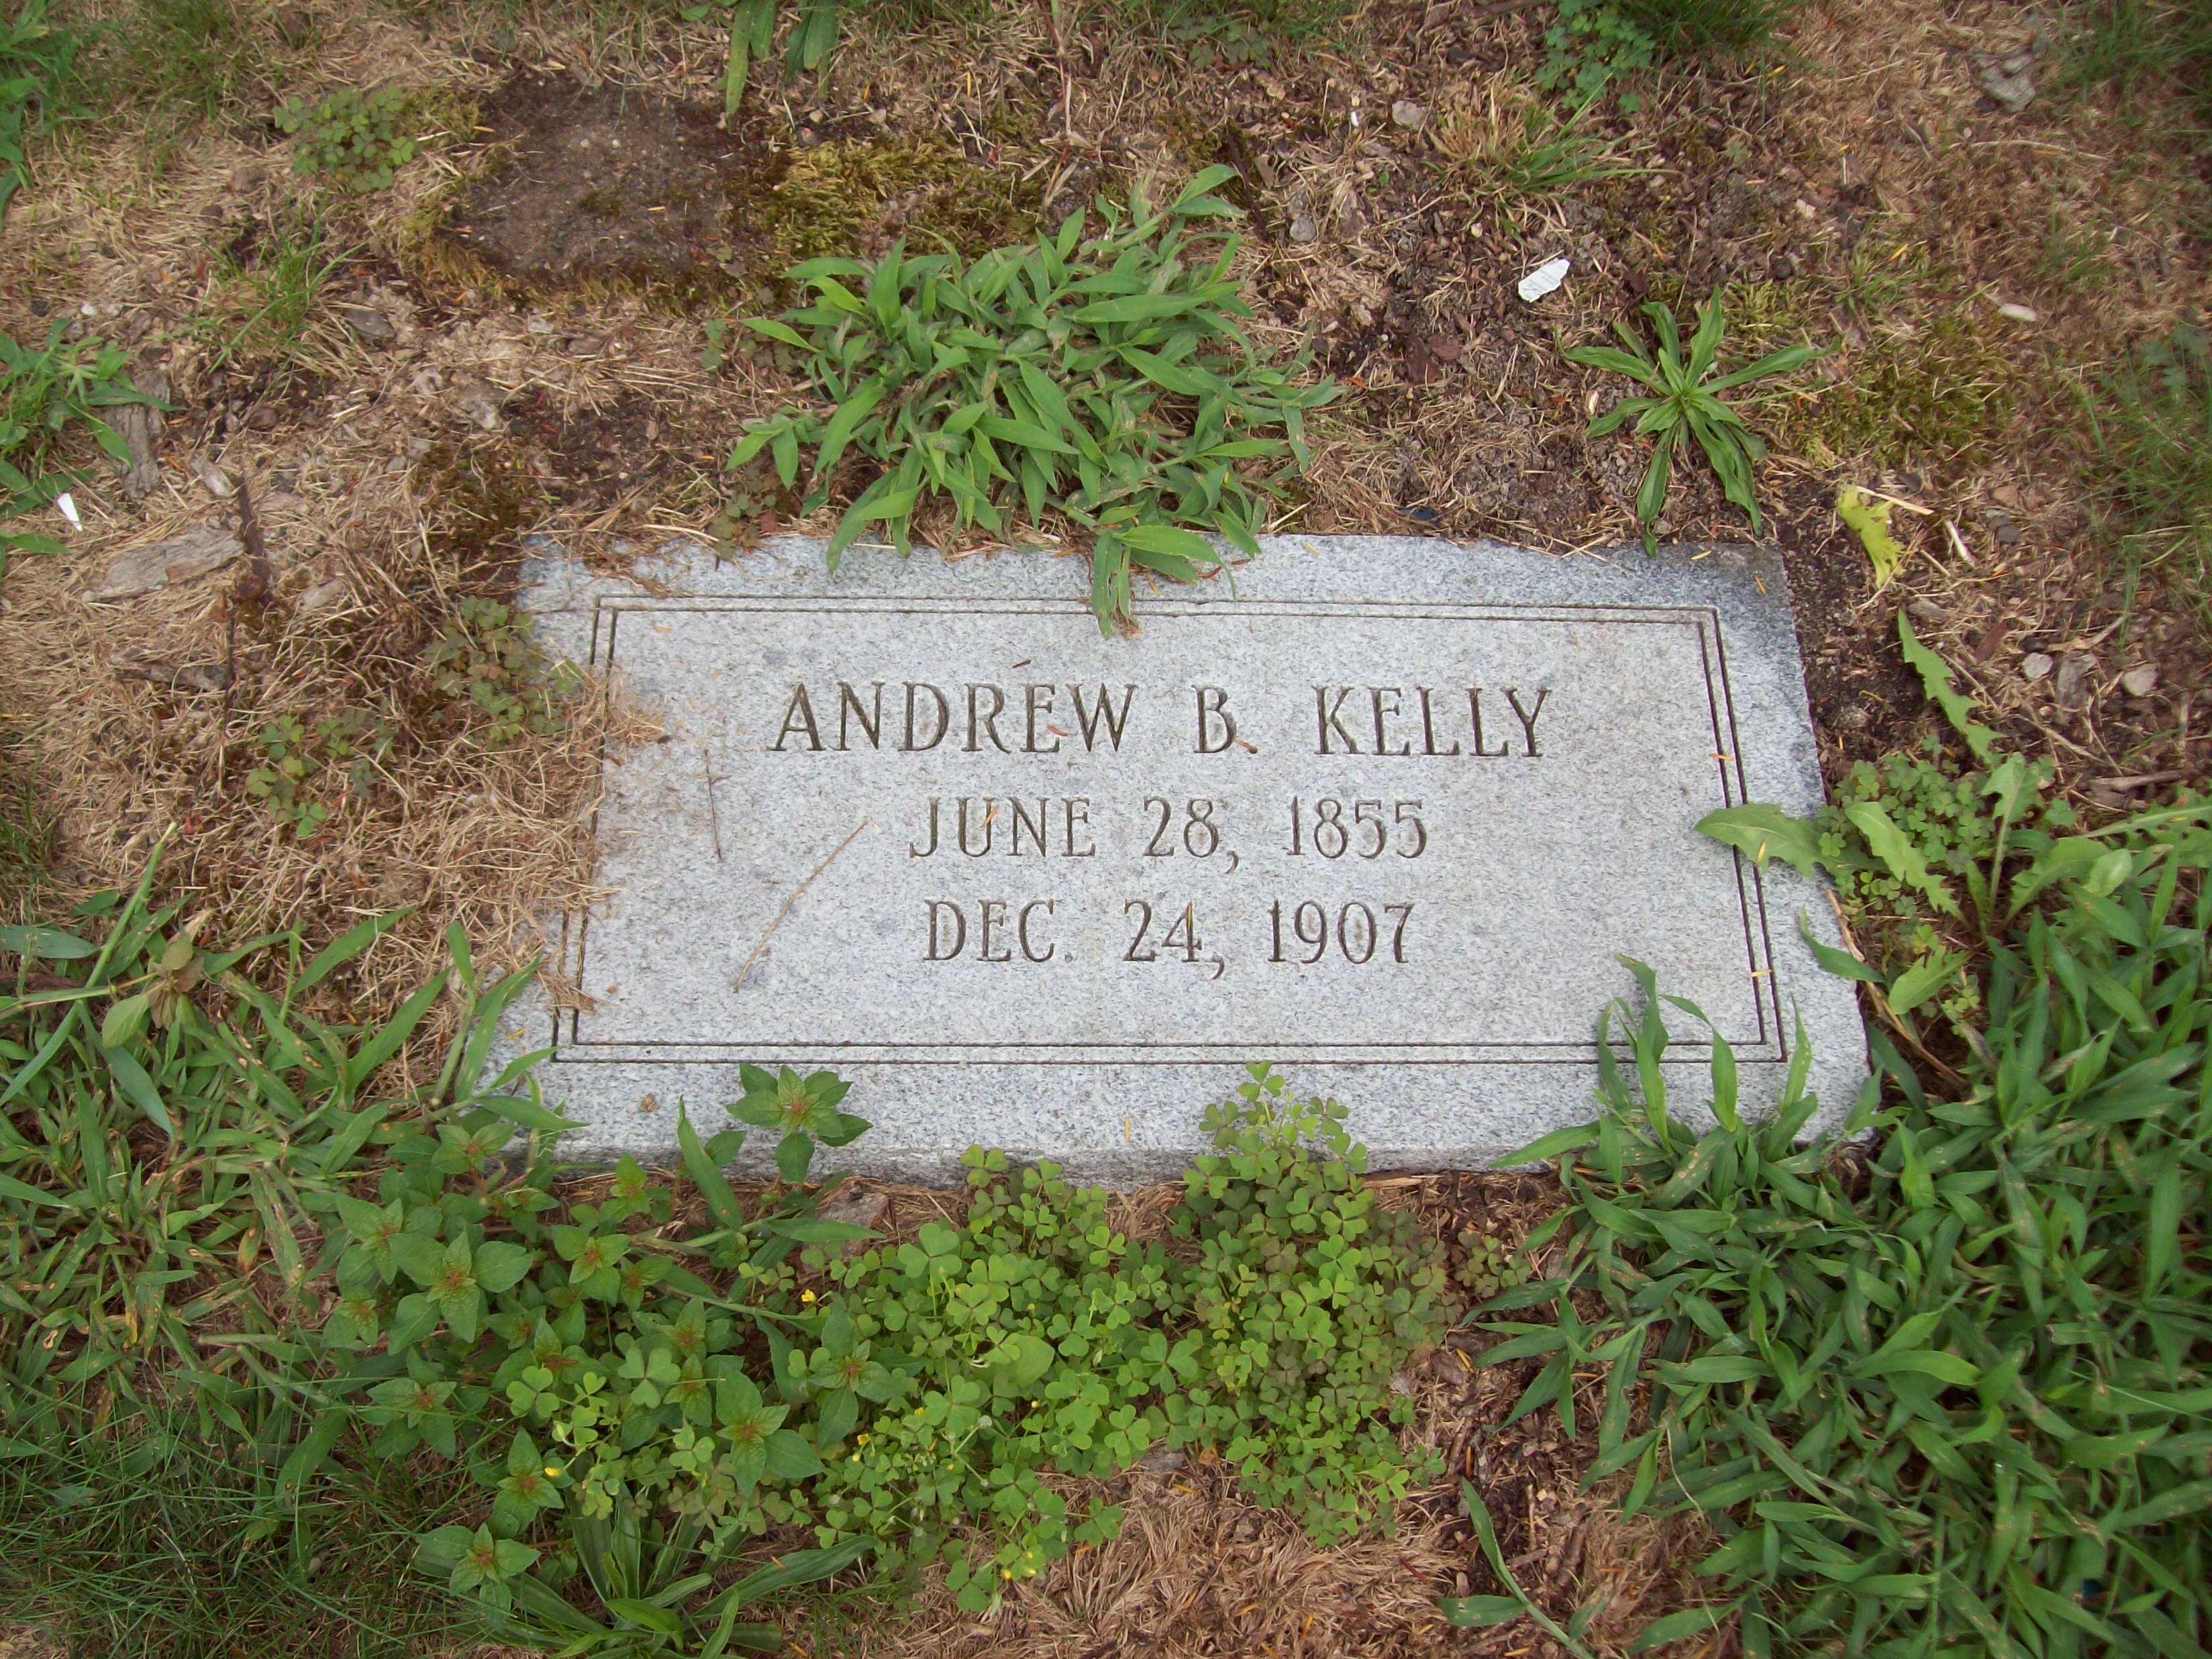 Andrew Marshall Kelly